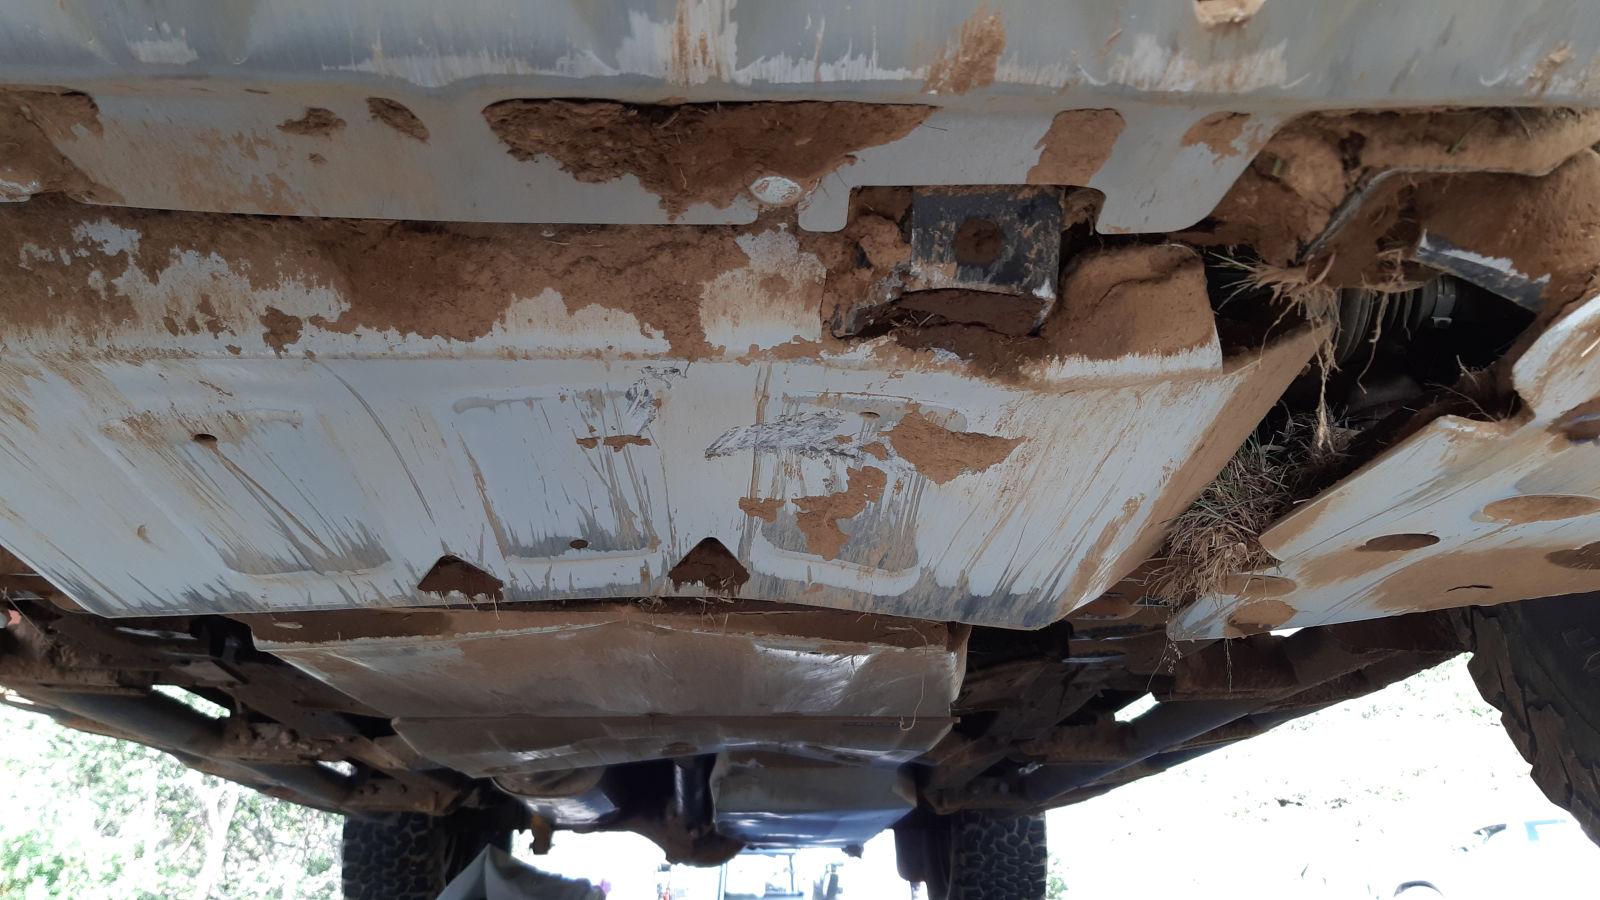 Der Stein hinterließ unter dem Fahrzeug SPuren.